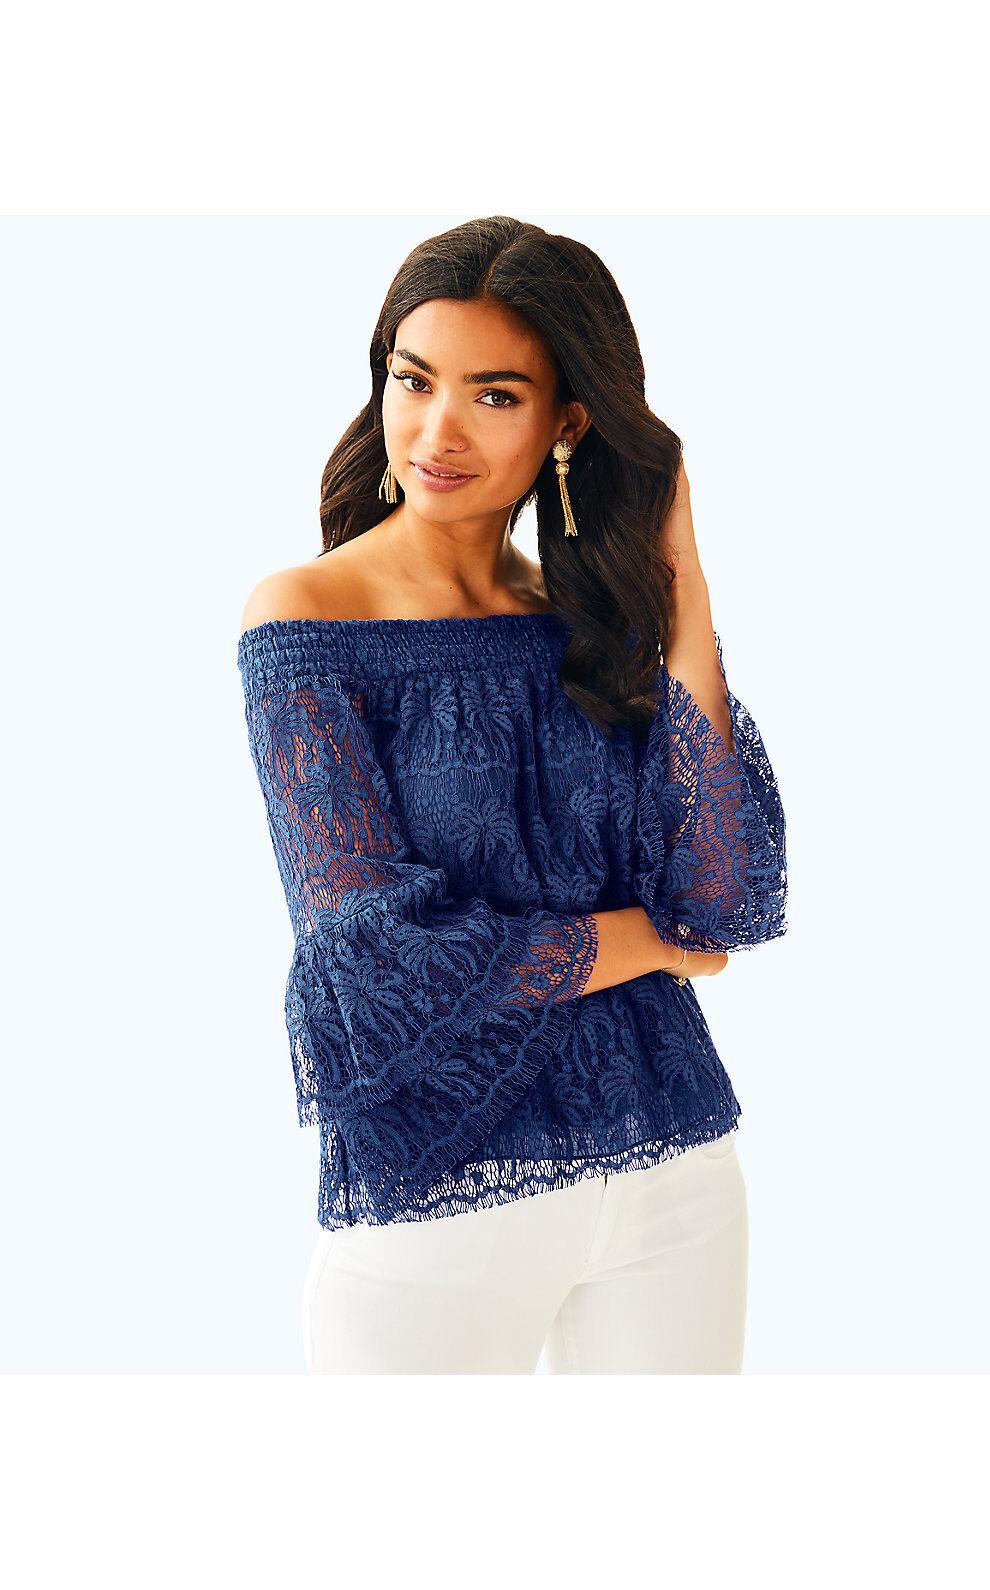 Lilly Pulitzer Ikat Blau Palm Tree Lace Tobyn Cold Shoulder Top XS L New